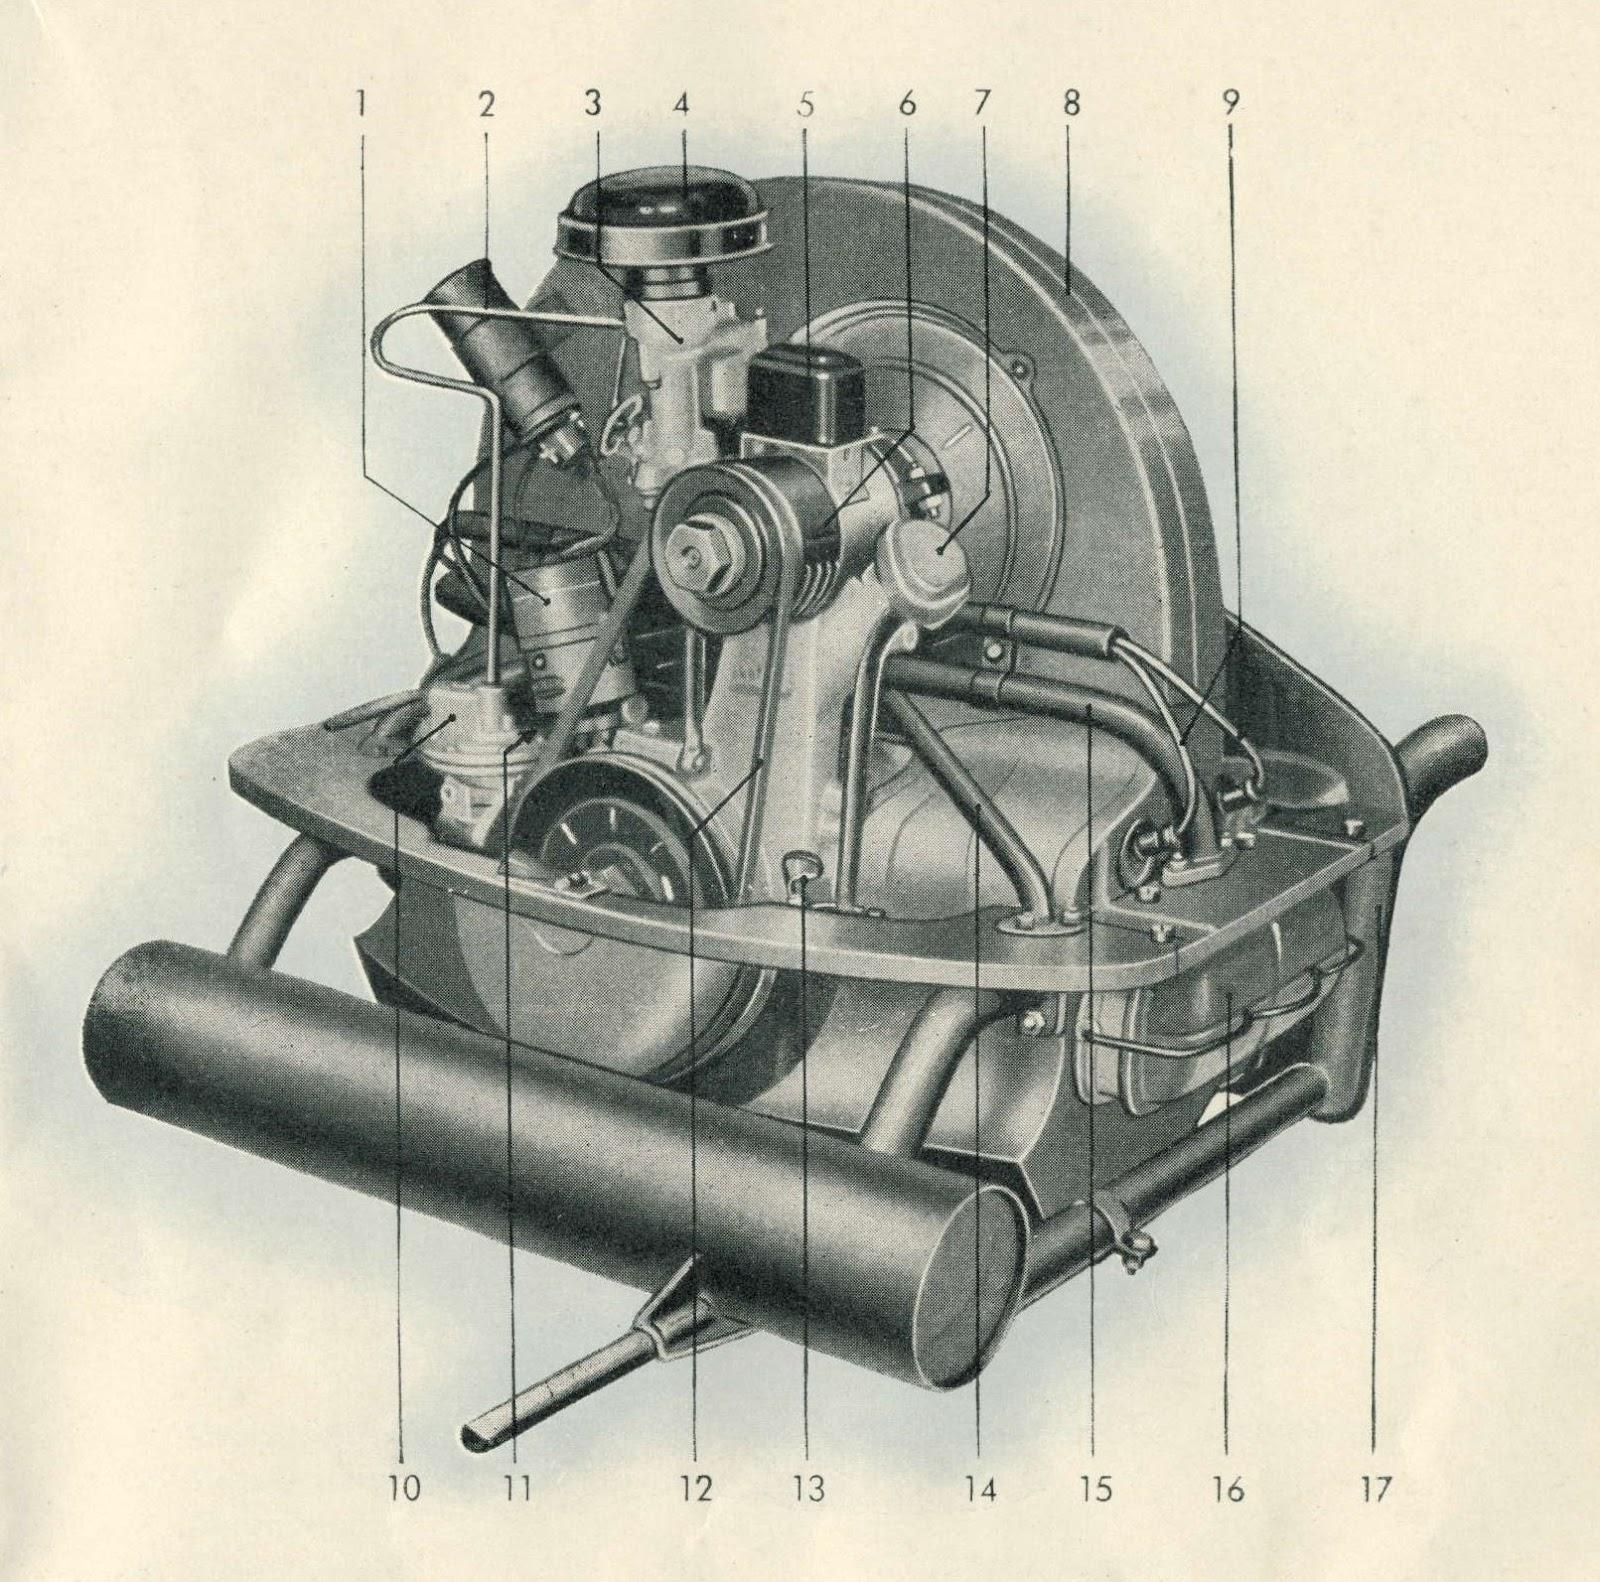 heinkel scooter project the tatra versus volkswagen lawsuit tatra 97 engine diagram [ 1600 x 1582 Pixel ]